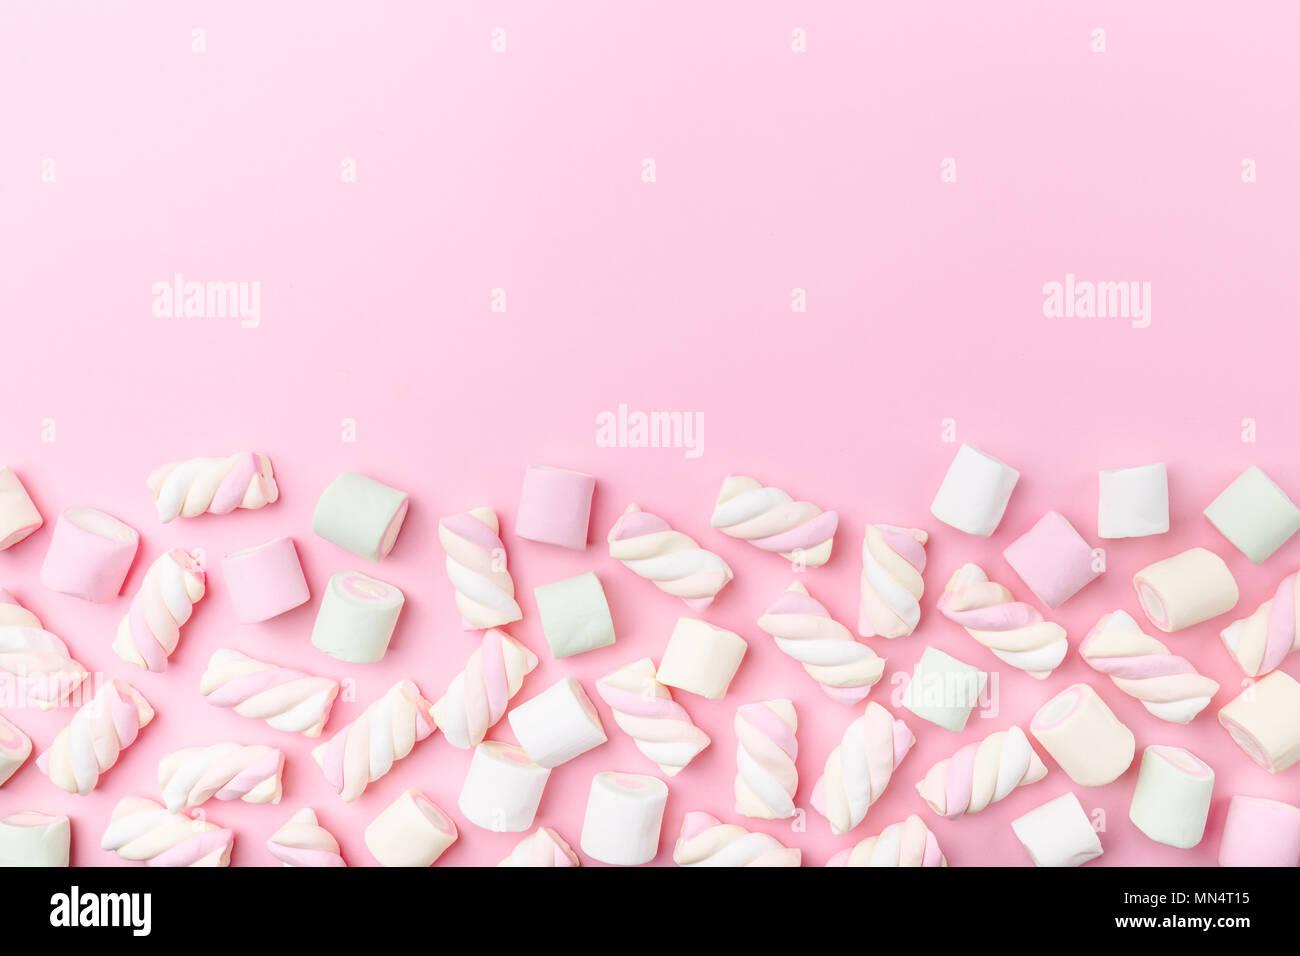 Verschiedenen Pastelltönen Marshmallows auf Rosa pastell Hintergrund mit kopieren. Ansicht von oben. Konzeptionelle Essen Trend Flach Stockbild